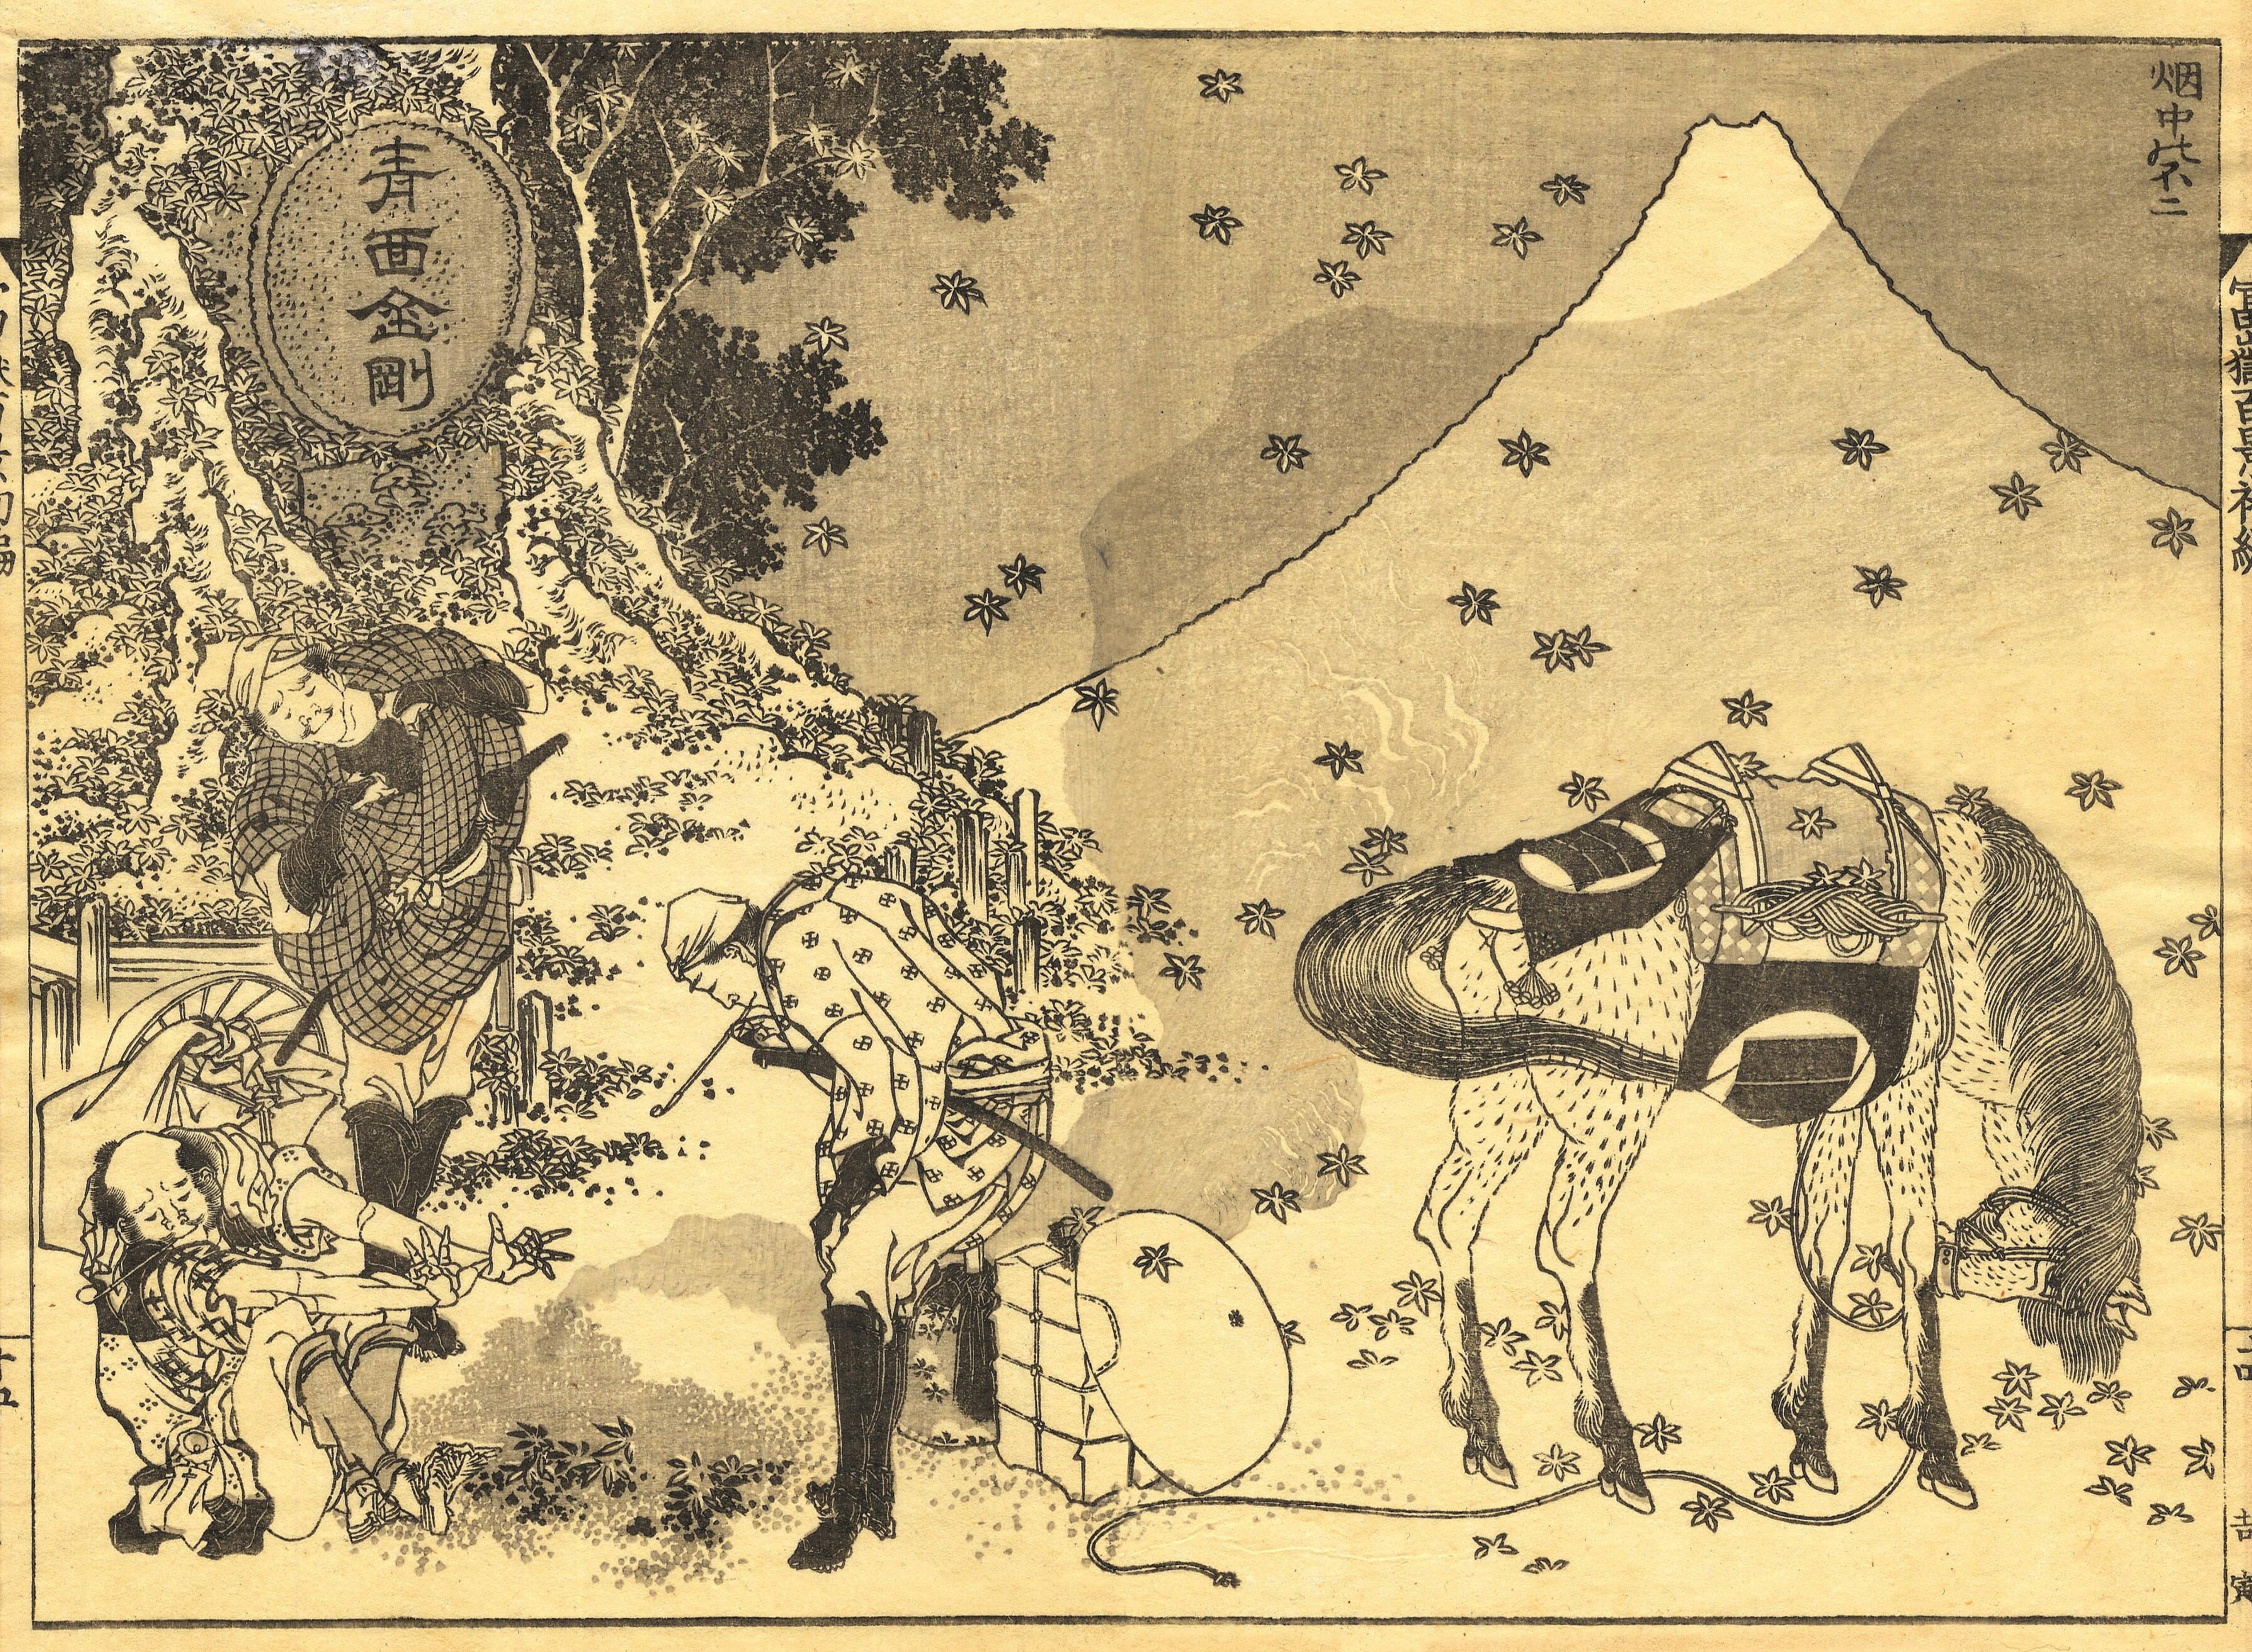 японская графика: